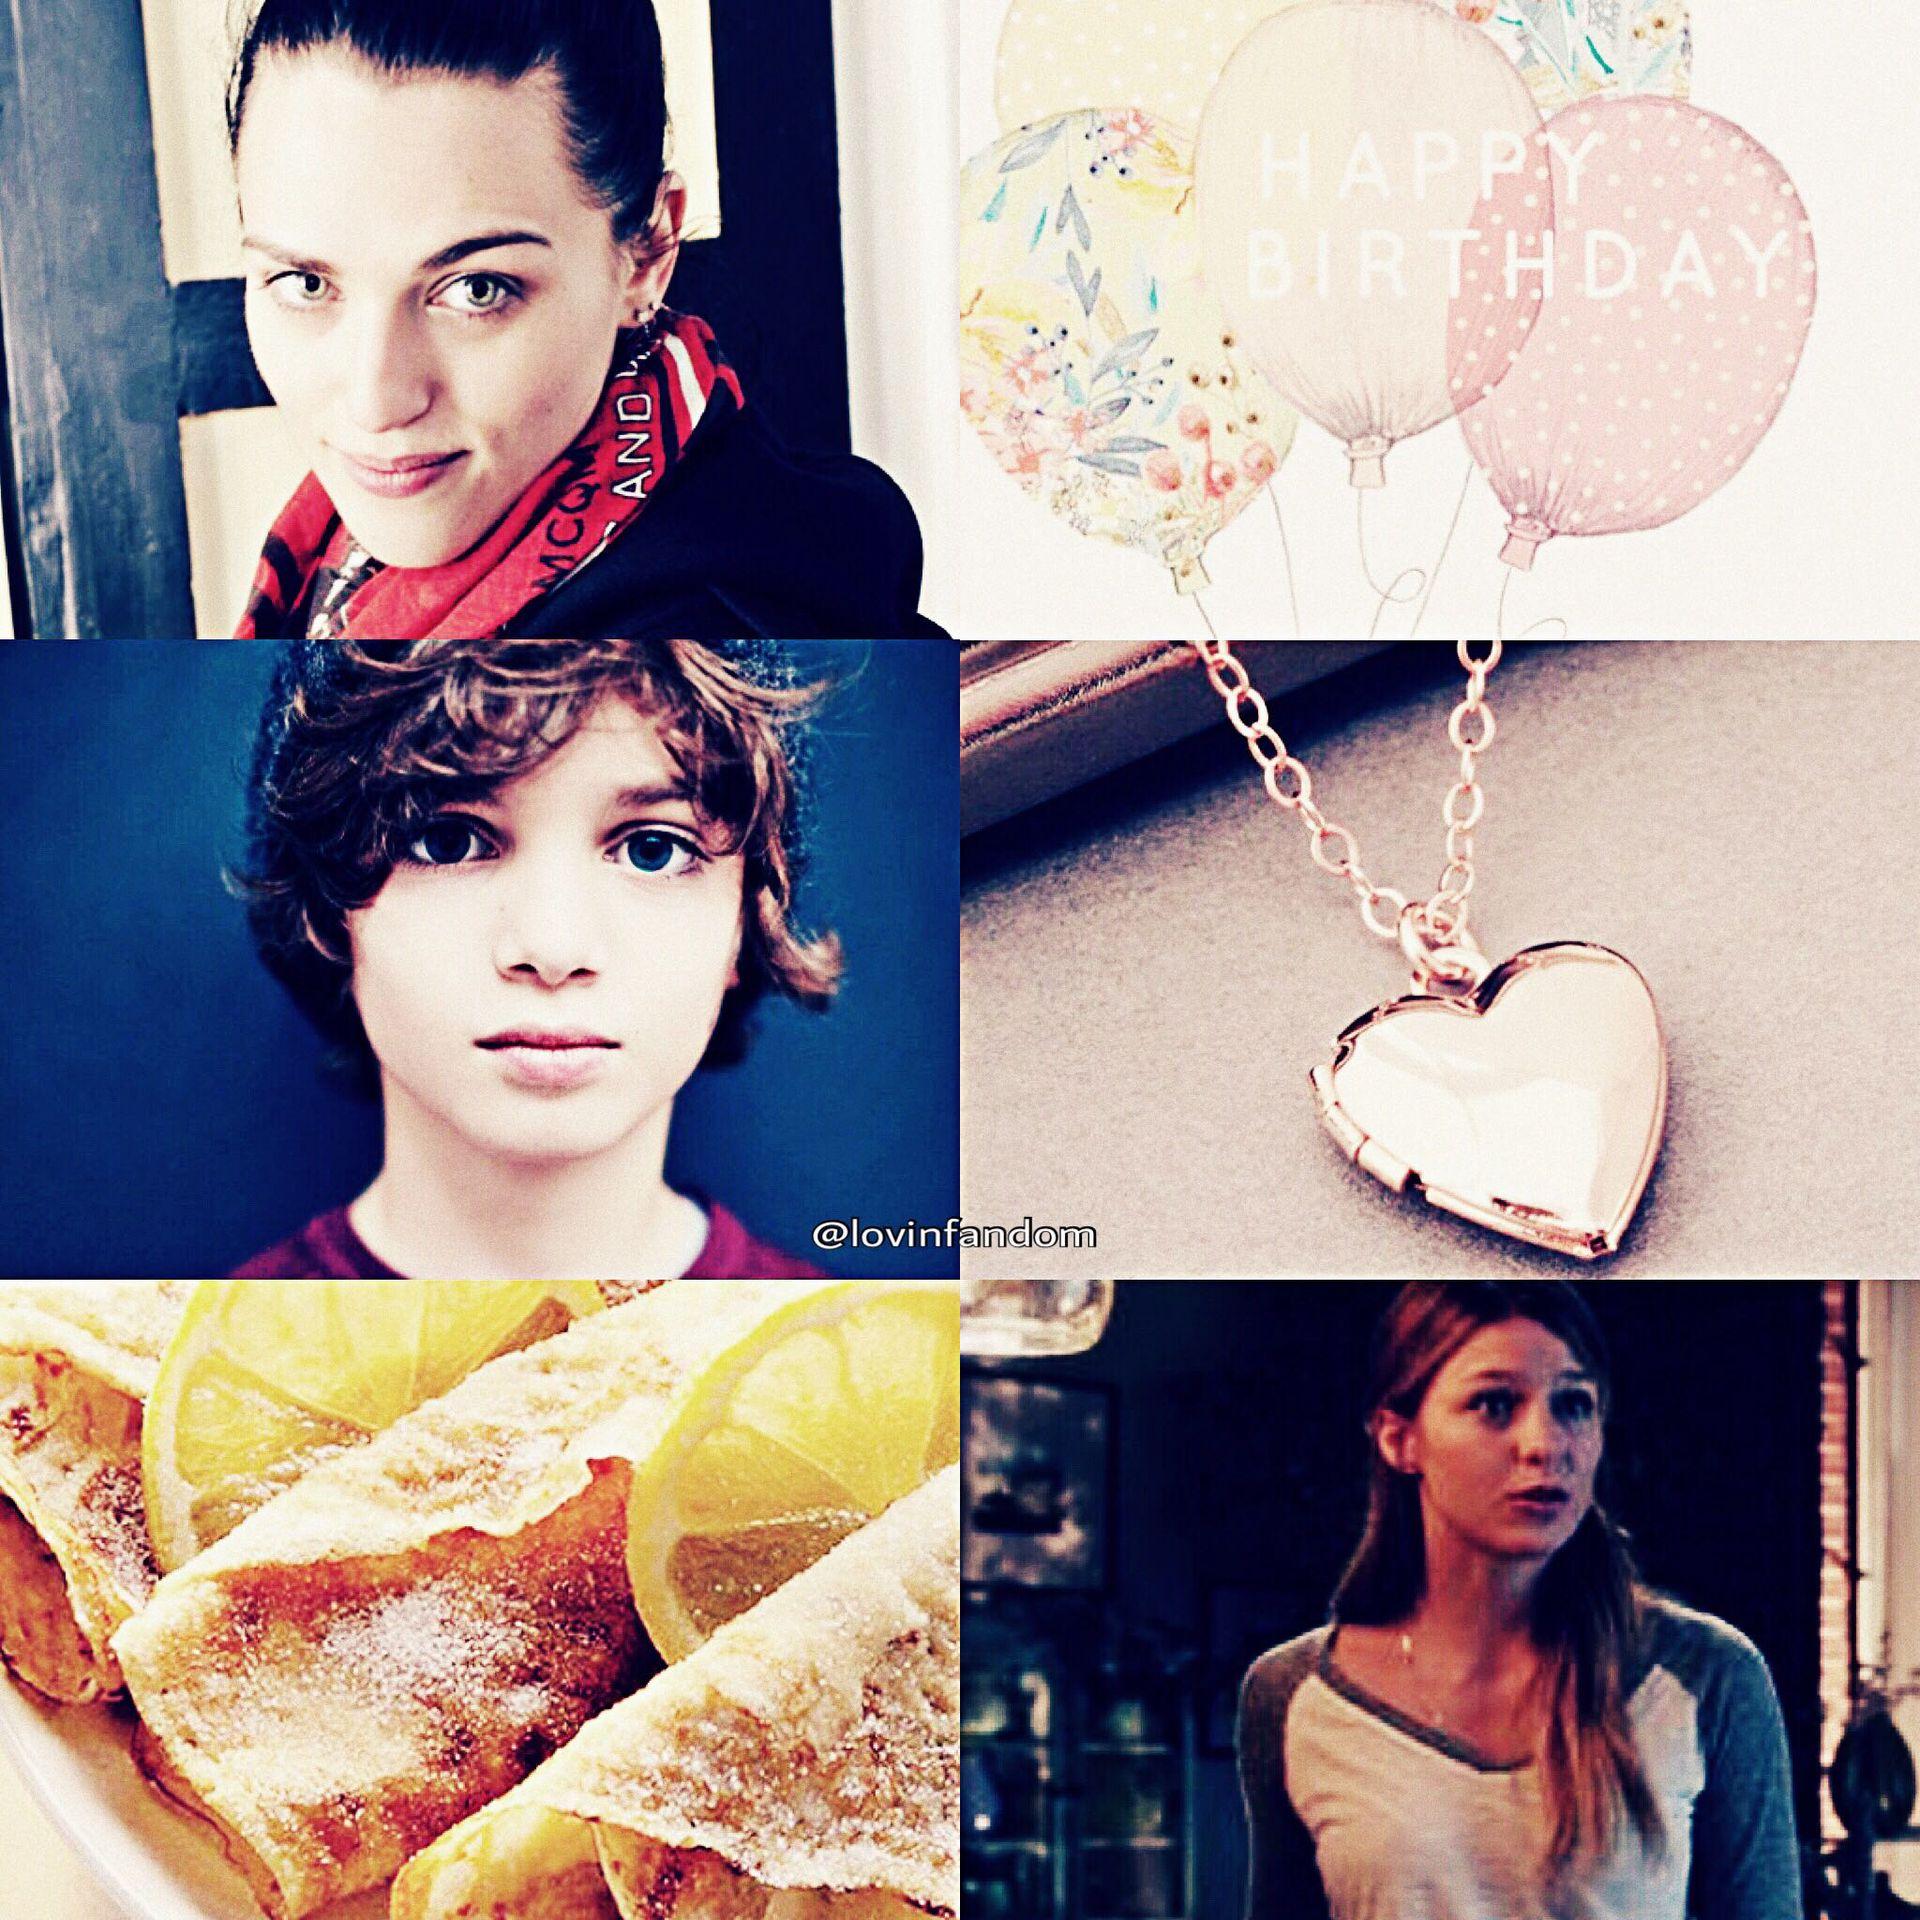 Supergirl oneshots - Supercorp: A Kara Danvers Birthday